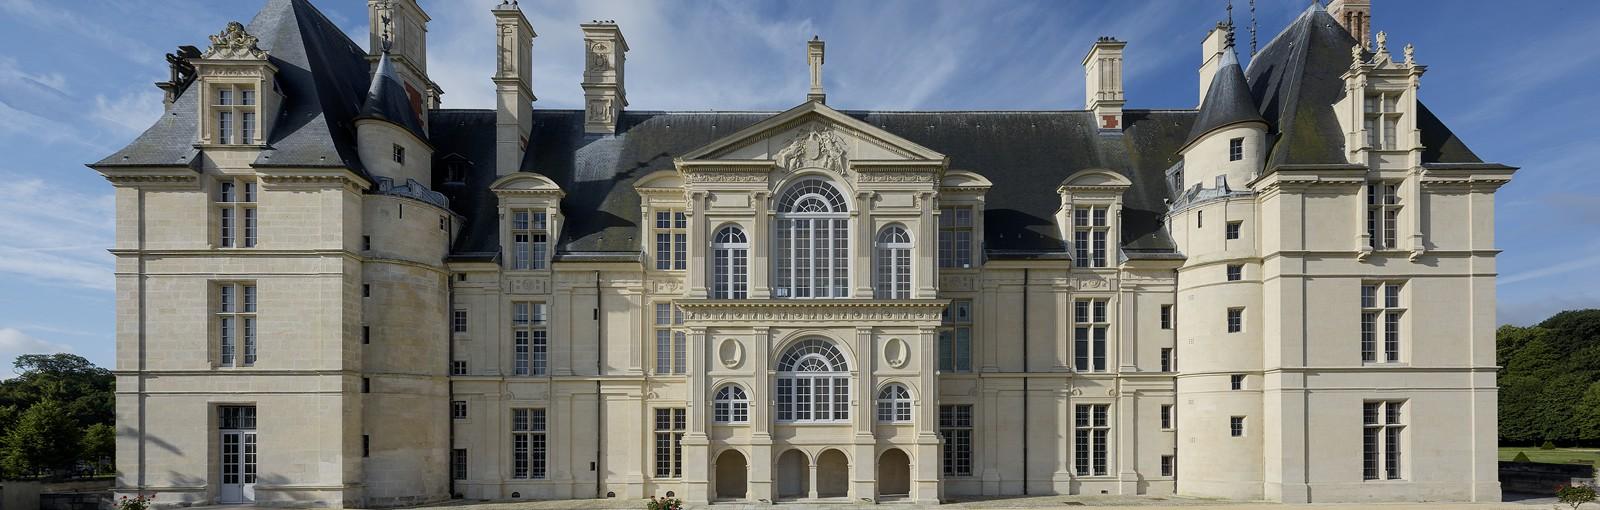 Tours Ecouen - Demi-journées - Excursions au départ de Paris